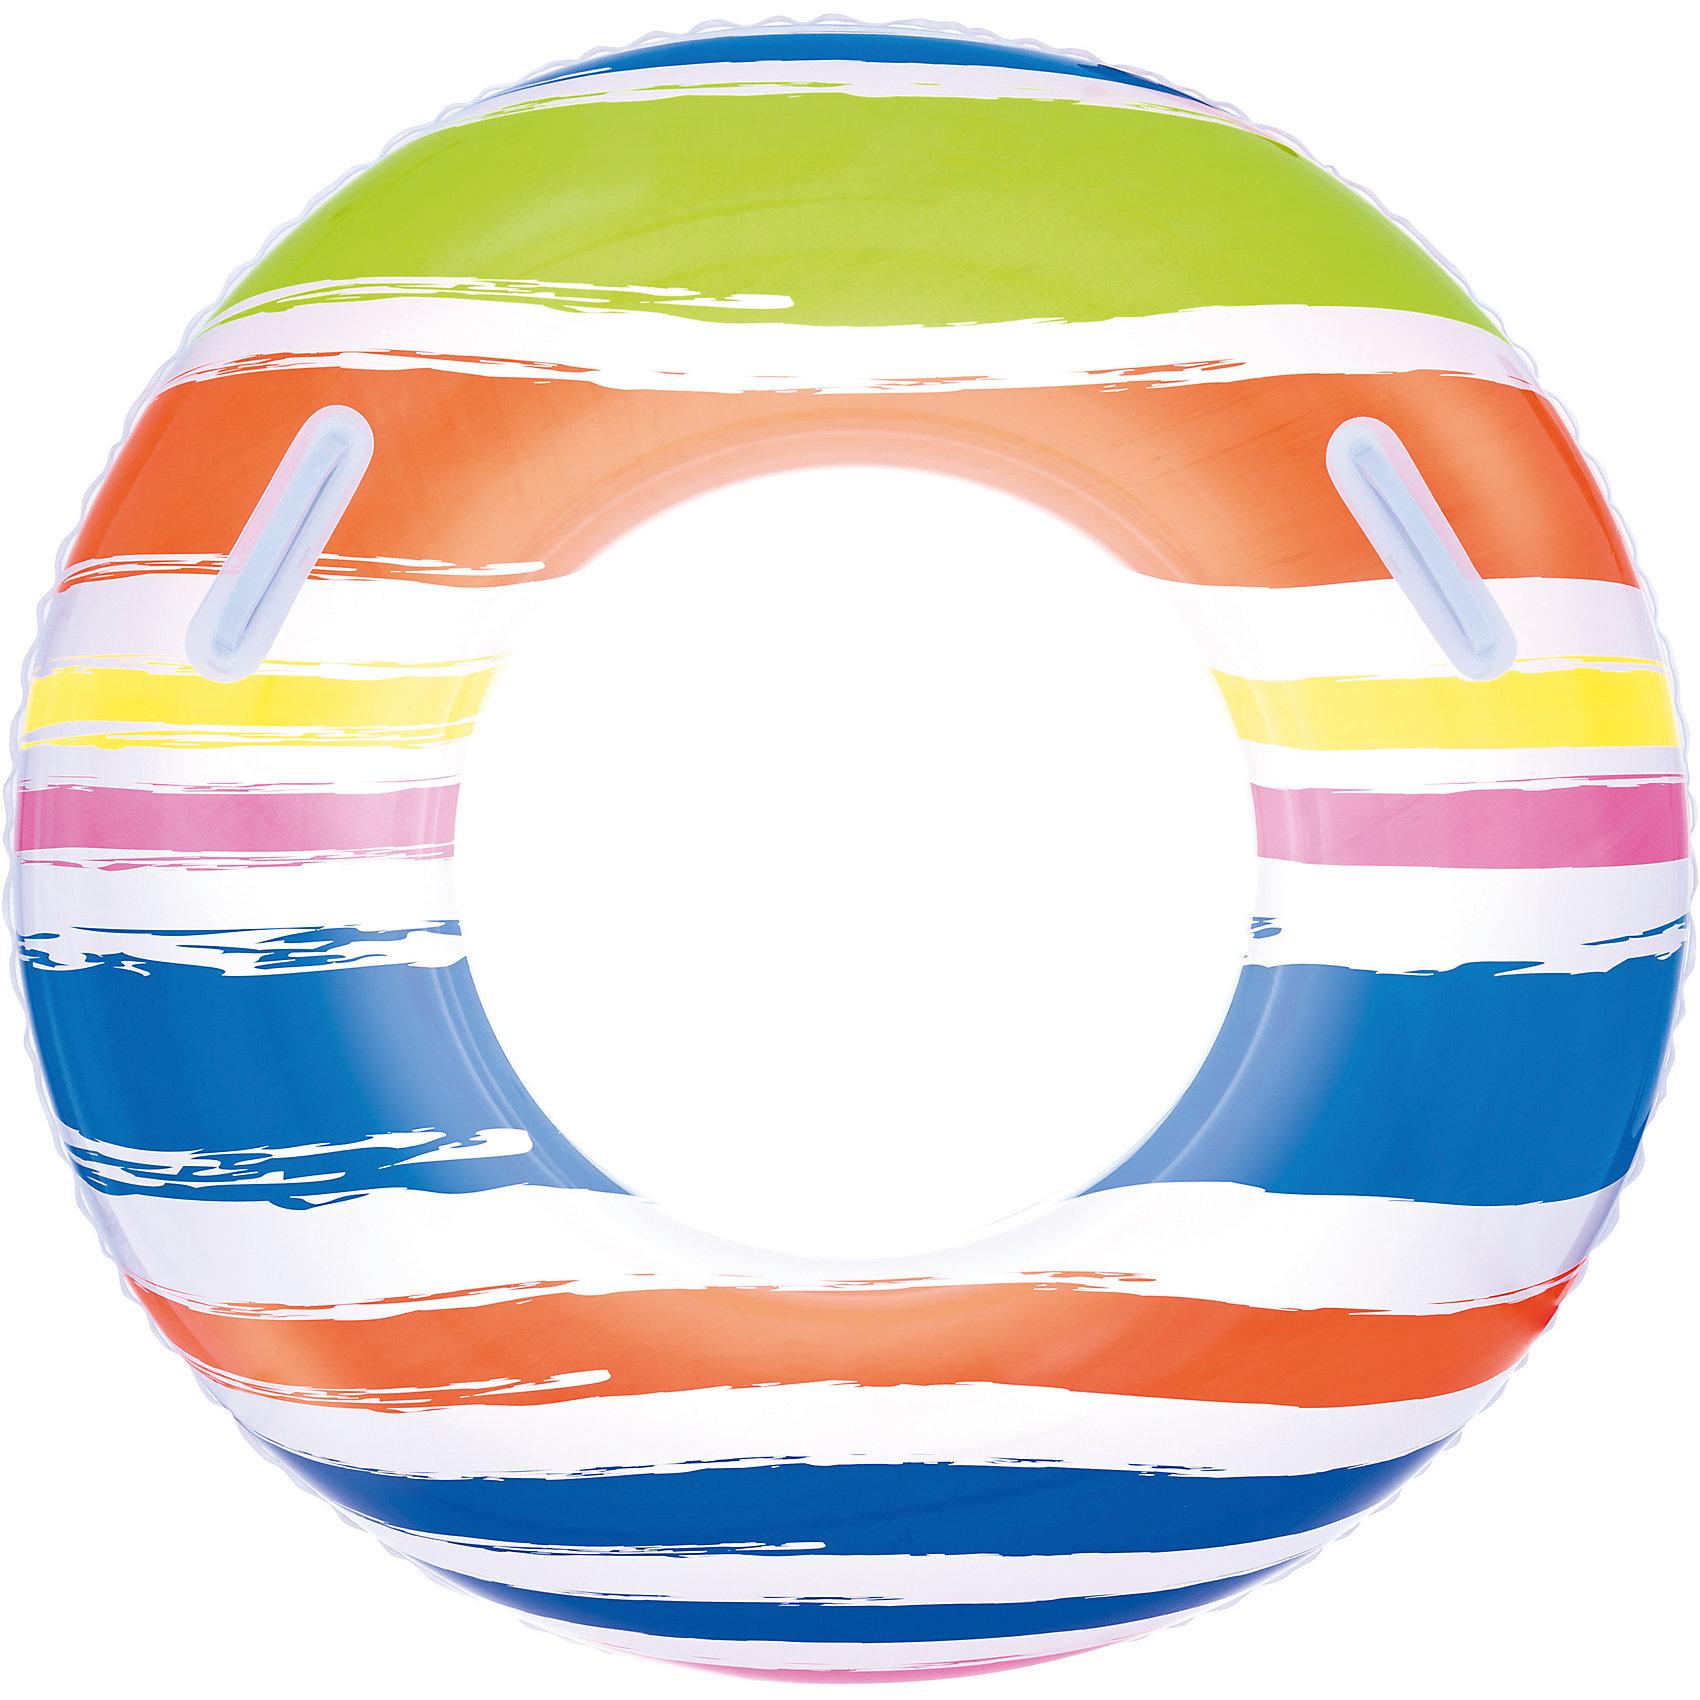 Круг для плавания в полоску, с ручками, 91 см, BestwayКруги и нарукавники<br>Круг для плавания в полоску, с ручками, 91 см, Bestway (Бествей)<br><br>Характеристики:<br><br>• изготовлен из прочных материалов<br>• удобные прочные ручки<br>• яркий дизайн<br>• диаметр: 91 см<br>• вес: 316 грамм<br>• Внимание! Круг в ассортименте, нет возможно выбрать товар конкретной расцветки. При заказе нескольких штук возможно получение одинаковых.<br><br>С надувным кругом плавание ребенка пройдет максимально комфортно. Круг оснащен двумя ручками на верхней камере. Ребенок сможет держаться за них, а родители направлять пловца, следя за его передвижением по воде. Круг имеет привлекательный яркий дизайн в полоску, который обязательно поднимет настроение во время отдыха.<br><br>Круг для плавания в полоску, с ручками, 91 см, Bestway (Бествей) можно купить в нашем интернет-магазине.<br><br>Ширина мм: 320<br>Глубина мм: 290<br>Высота мм: 240<br>Вес г: 316<br>Возраст от месяцев: 120<br>Возраст до месяцев: 2147483647<br>Пол: Унисекс<br>Возраст: Детский<br>SKU: 5486886